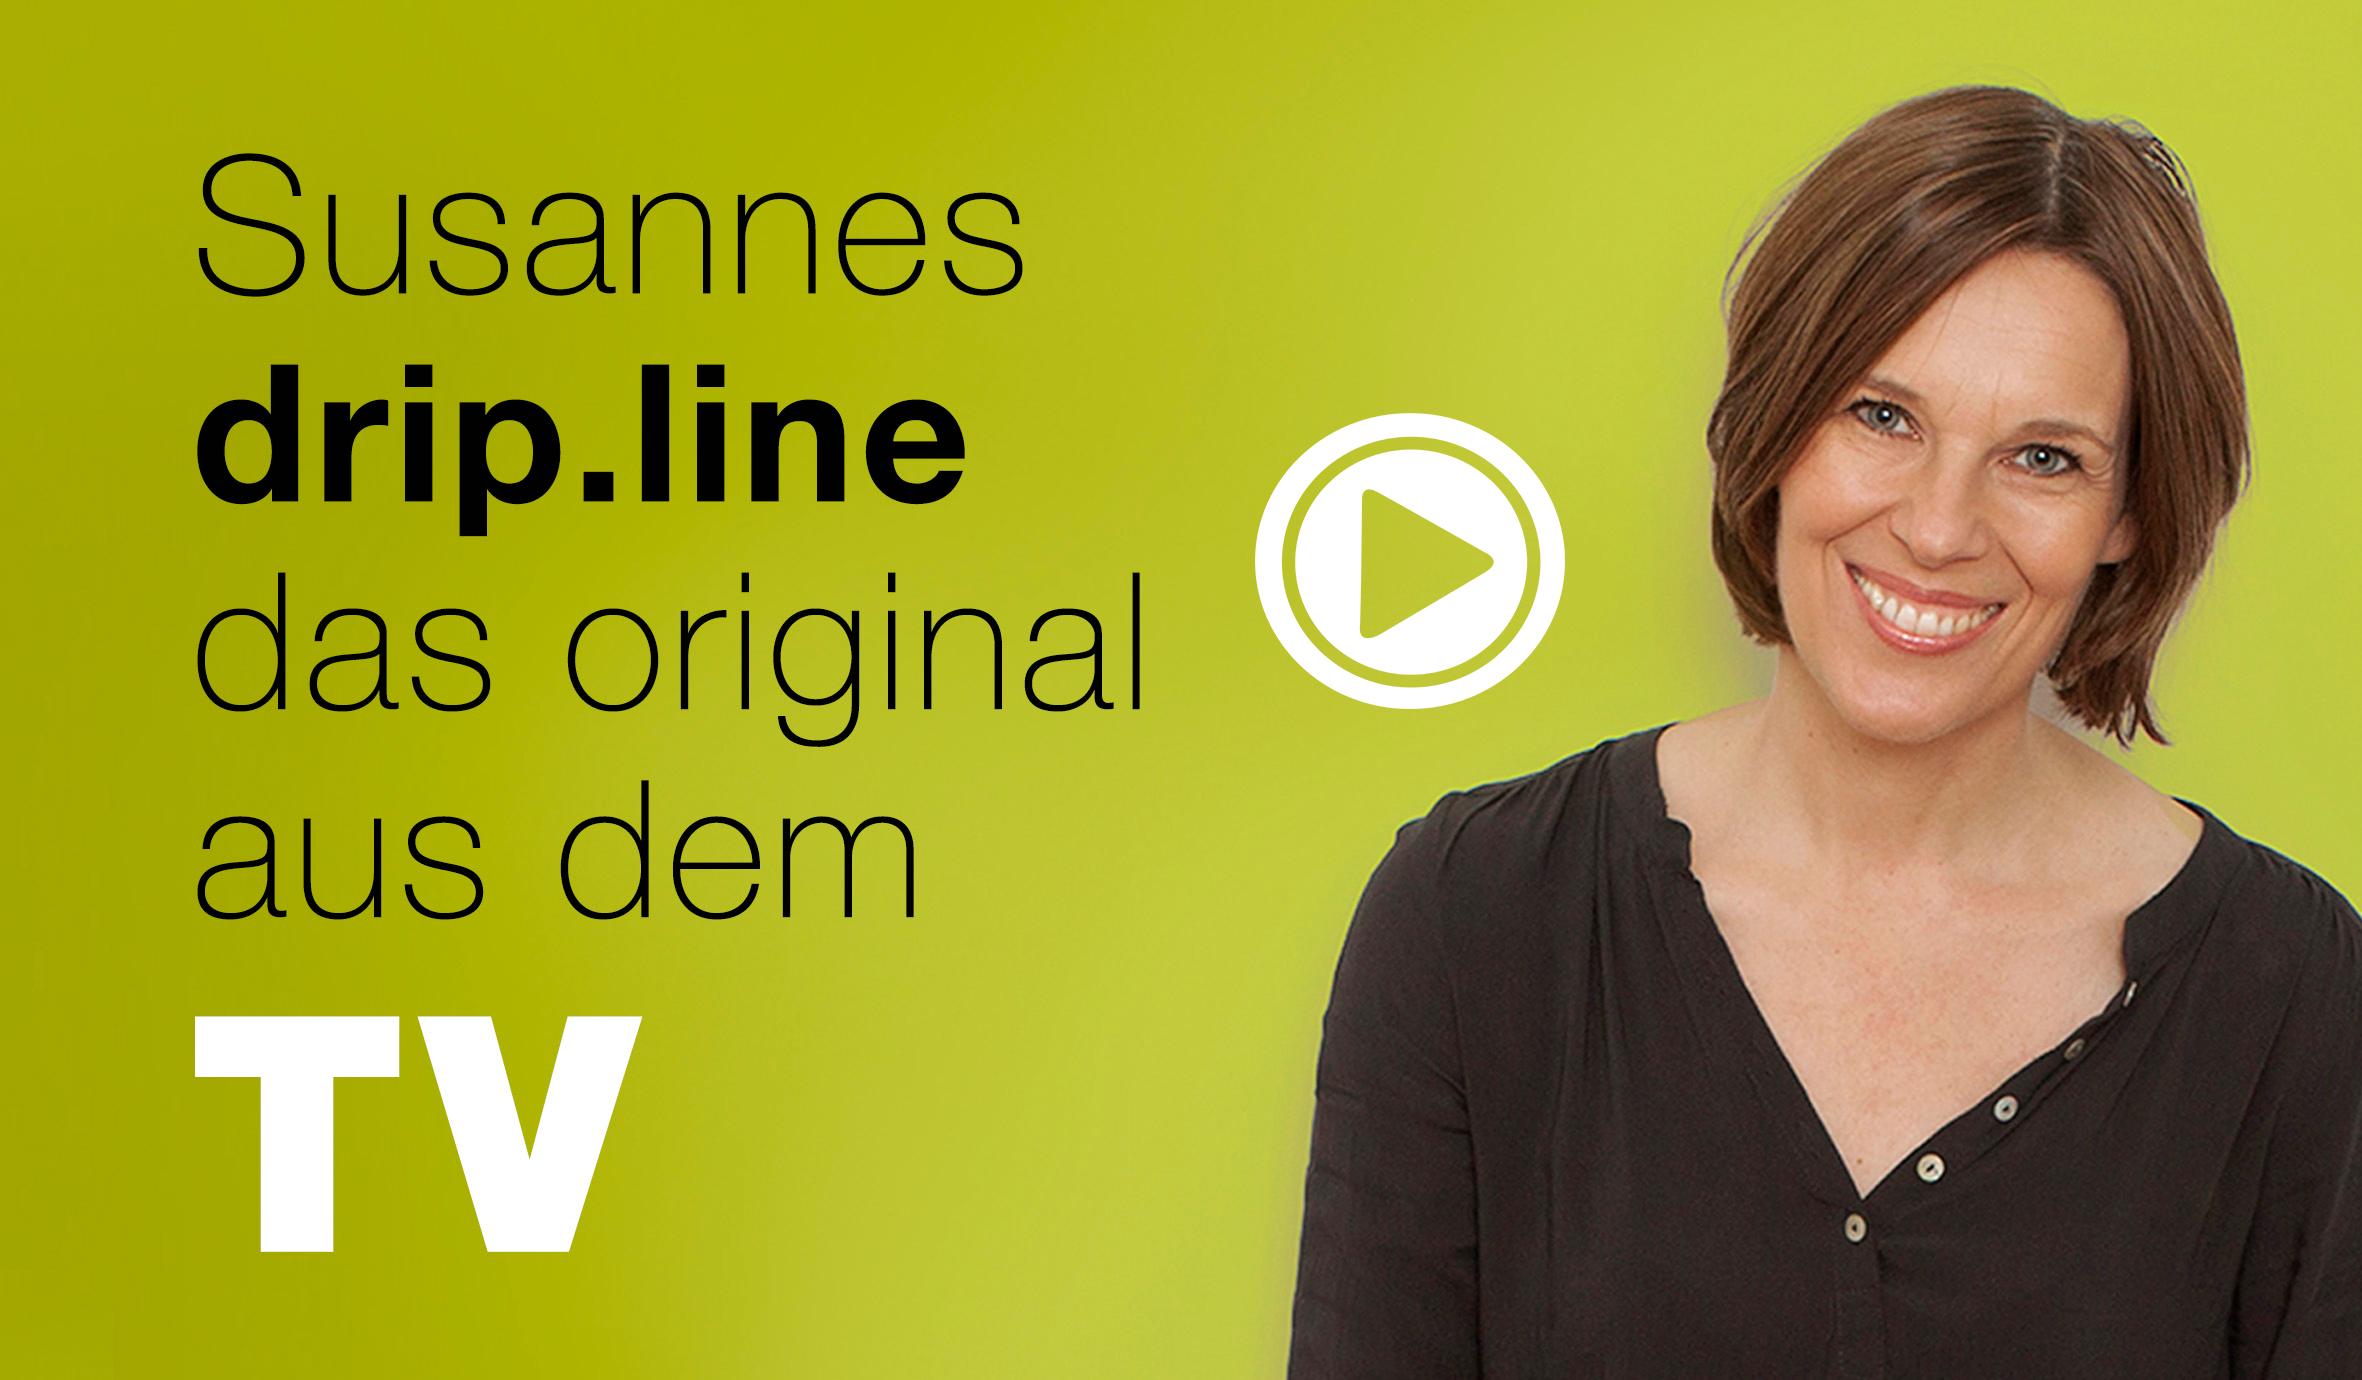 Die drip.line von SanniShoo - das Original aus dem TV